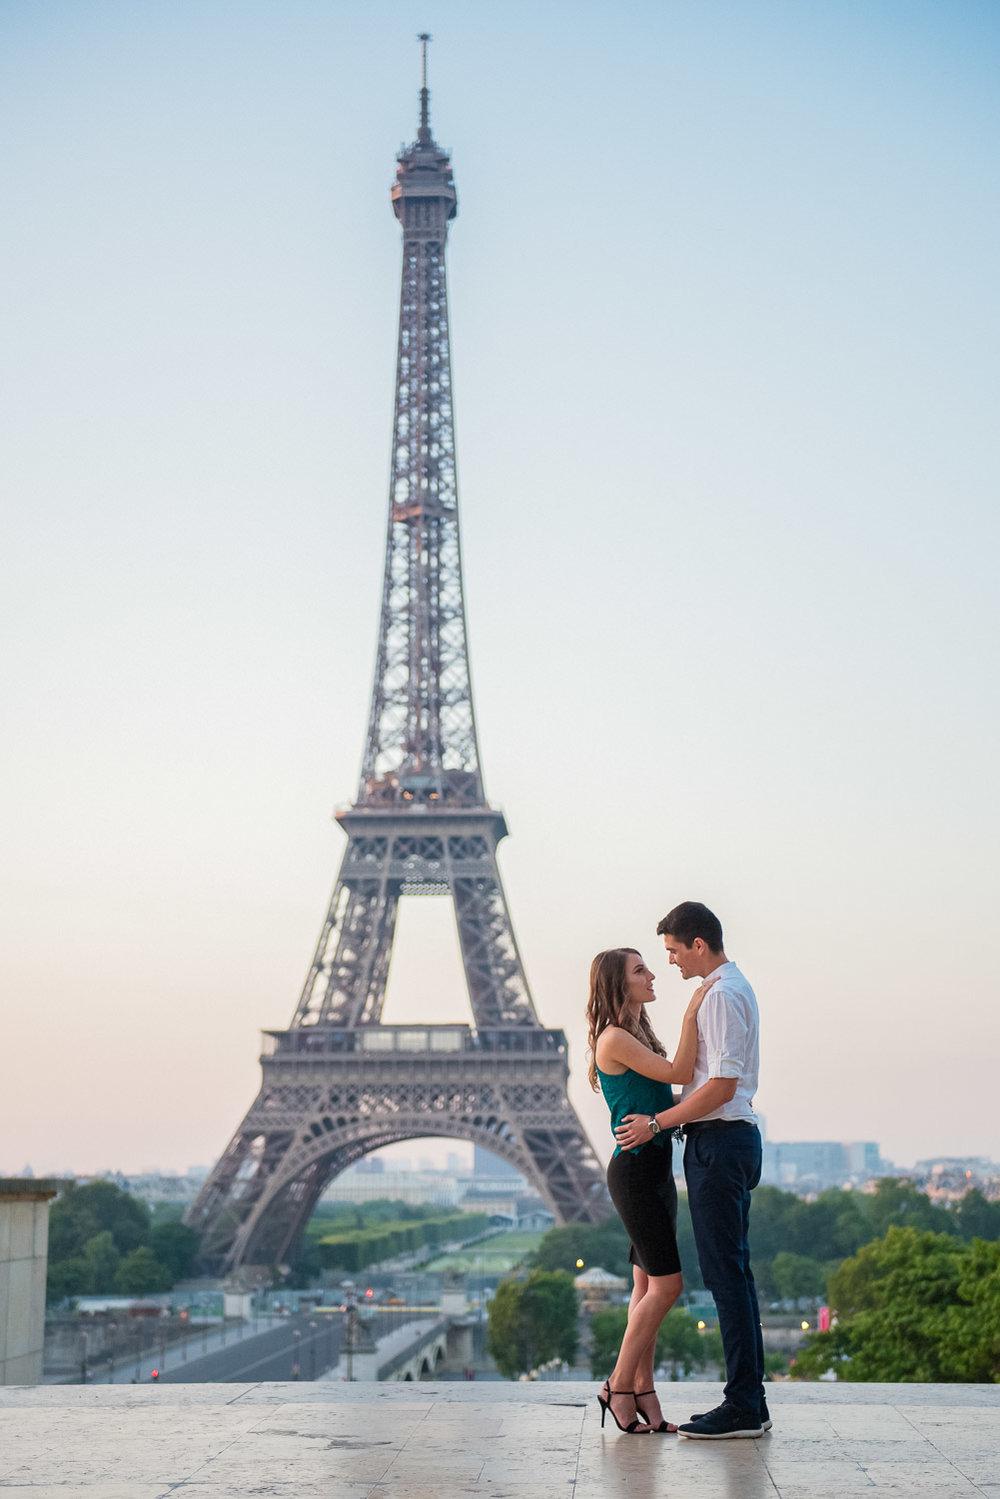 Paris surprise proposal session for Andrei & Daniela 28 June 2018-1.jpg